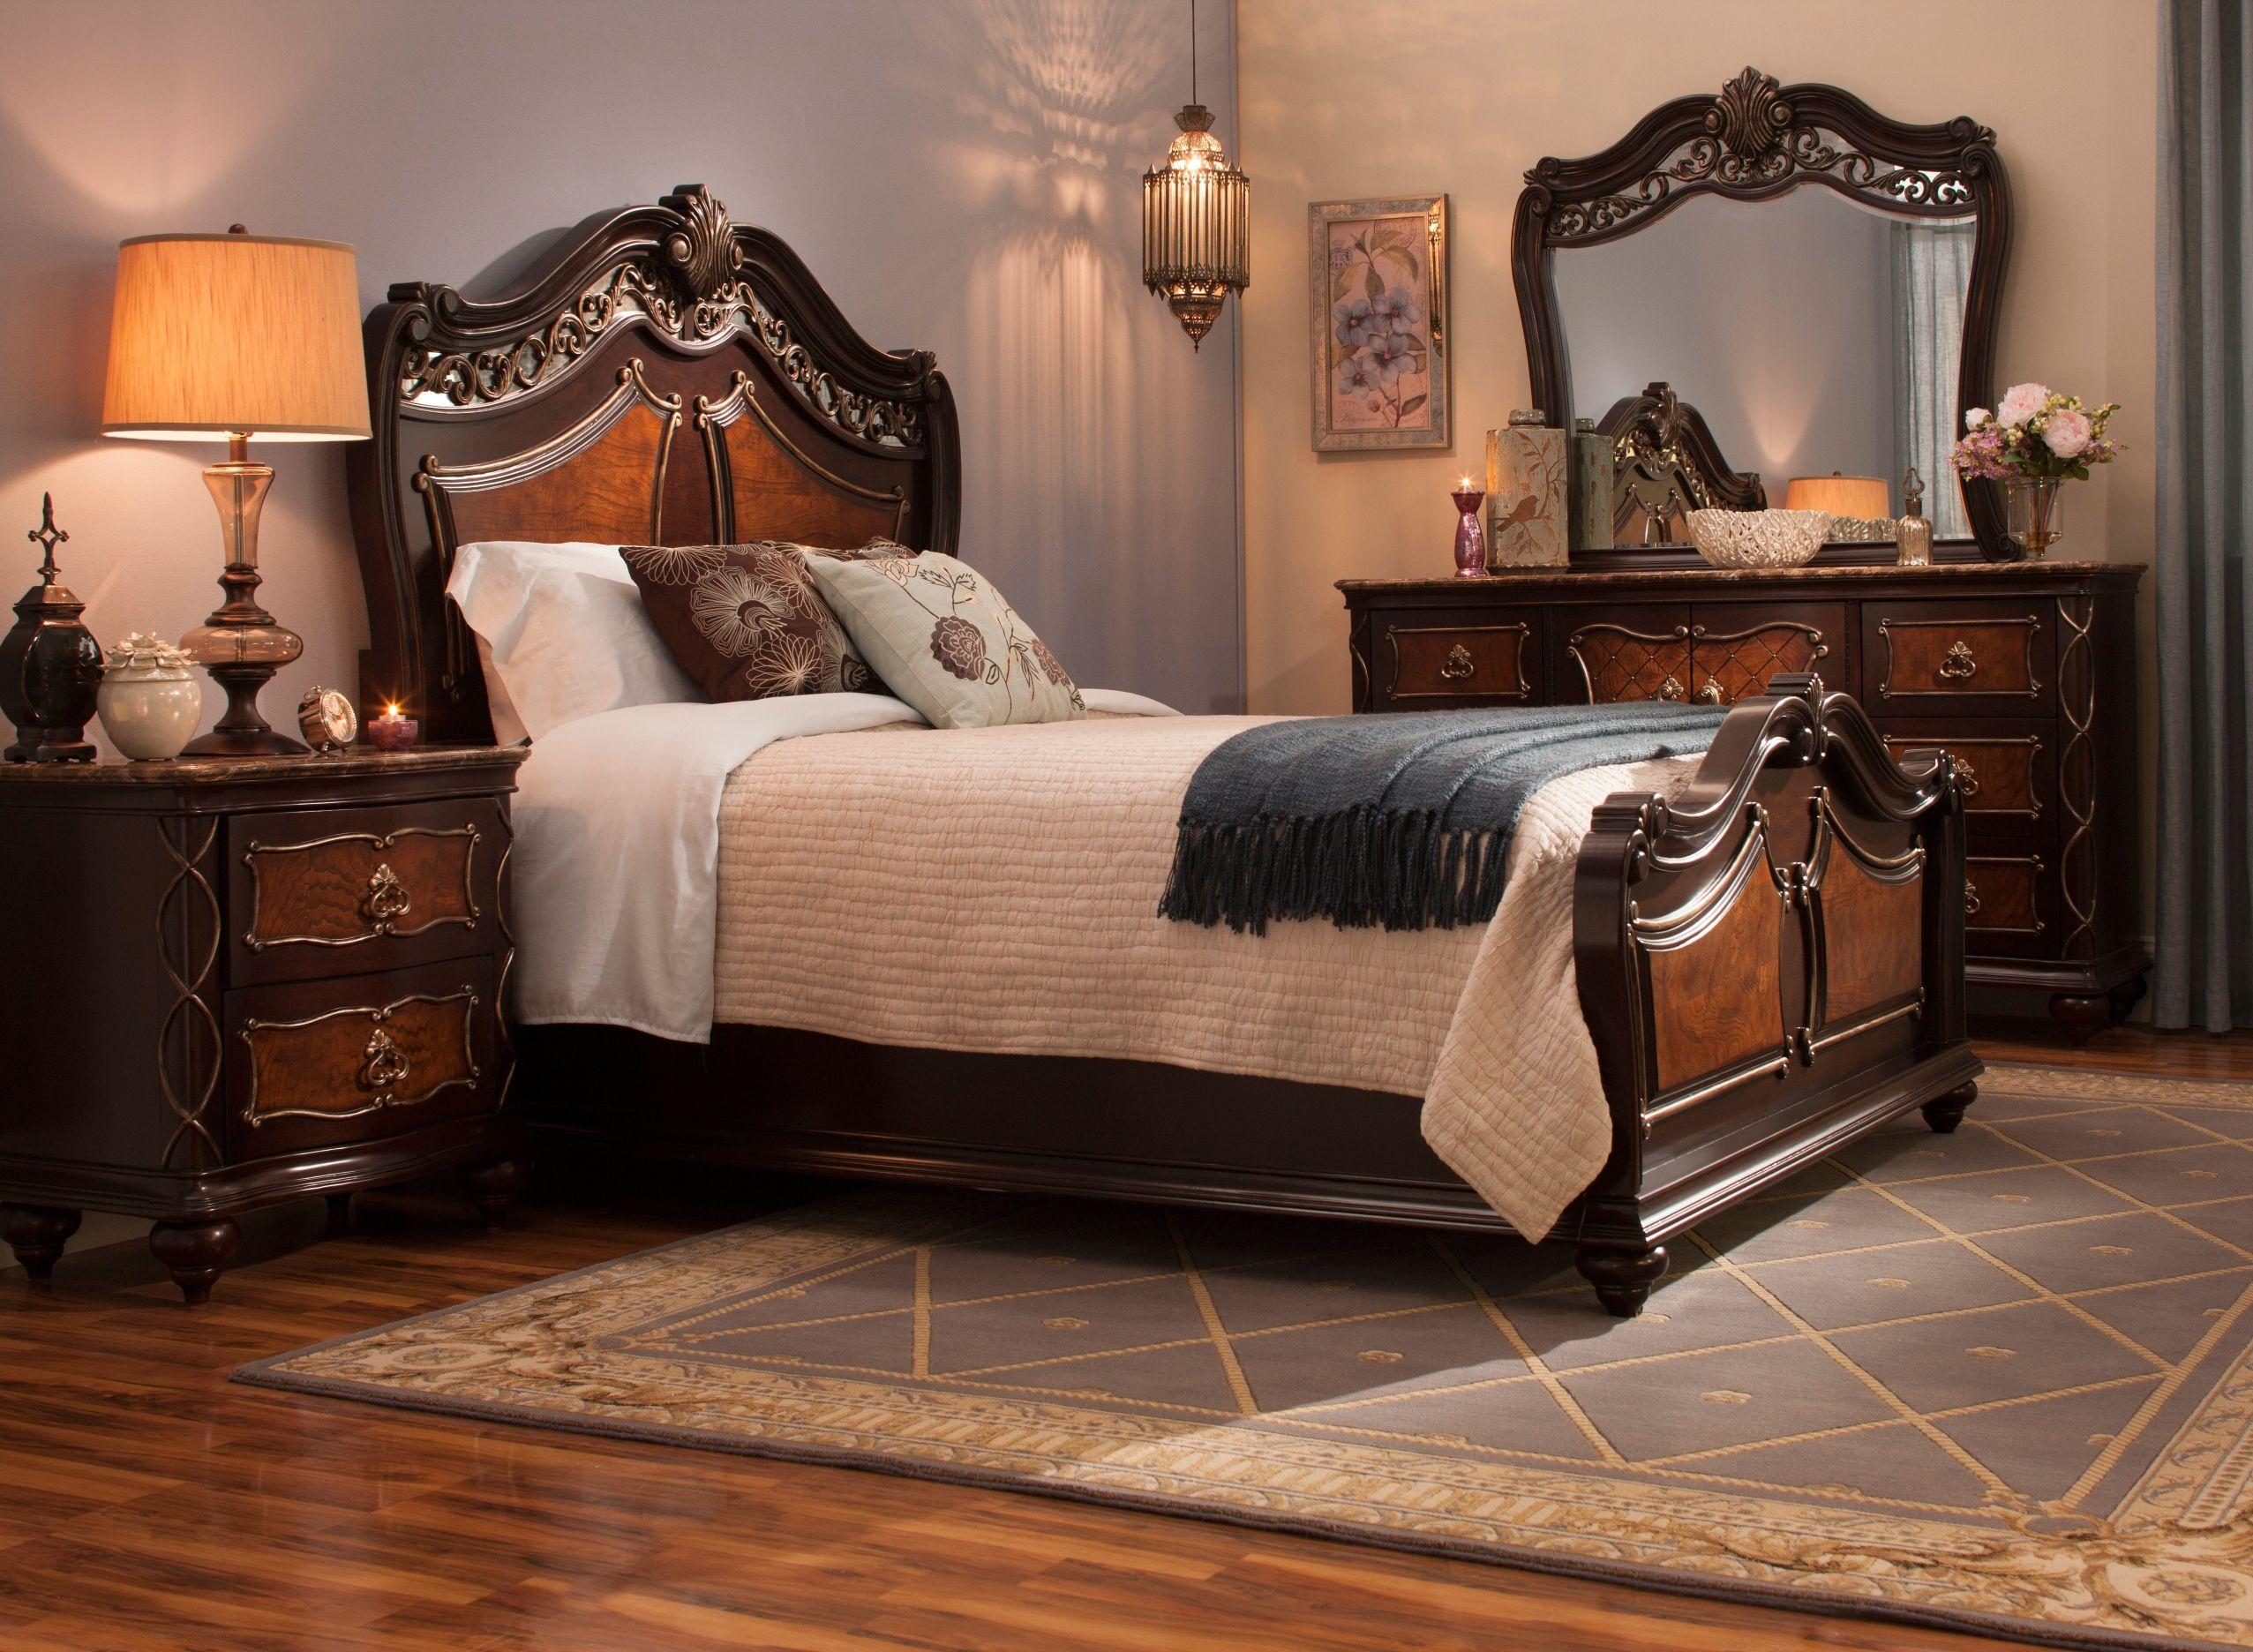 Palazzo 4pc. Queen Bedroom Set Bedroom sets, Luxurious